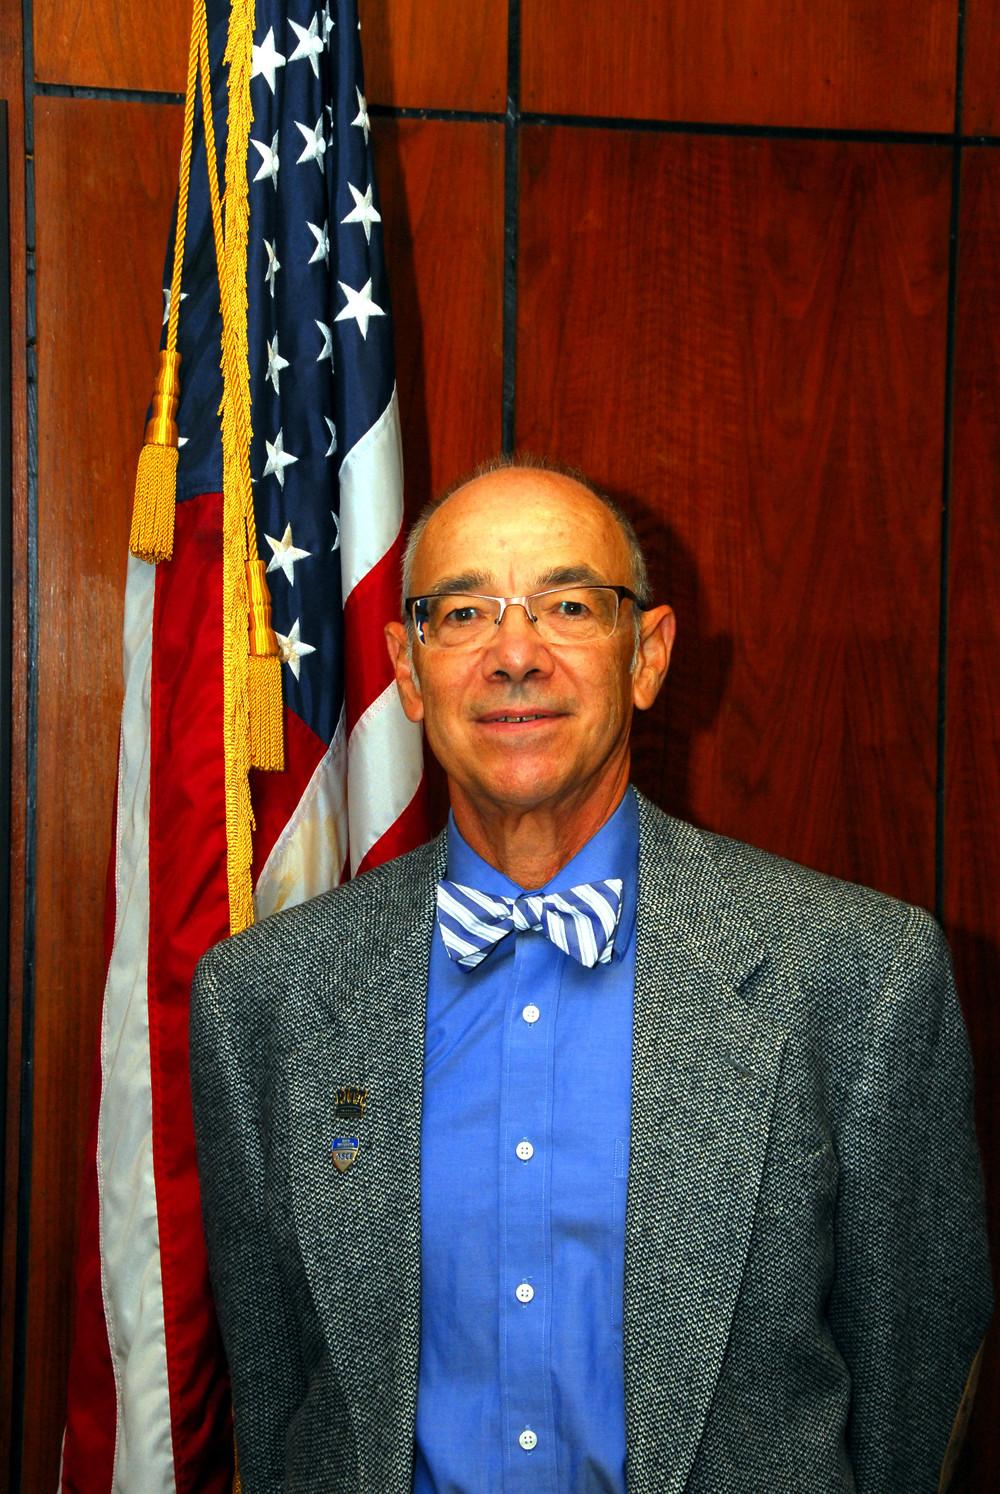 ASCE Life Member David Demo